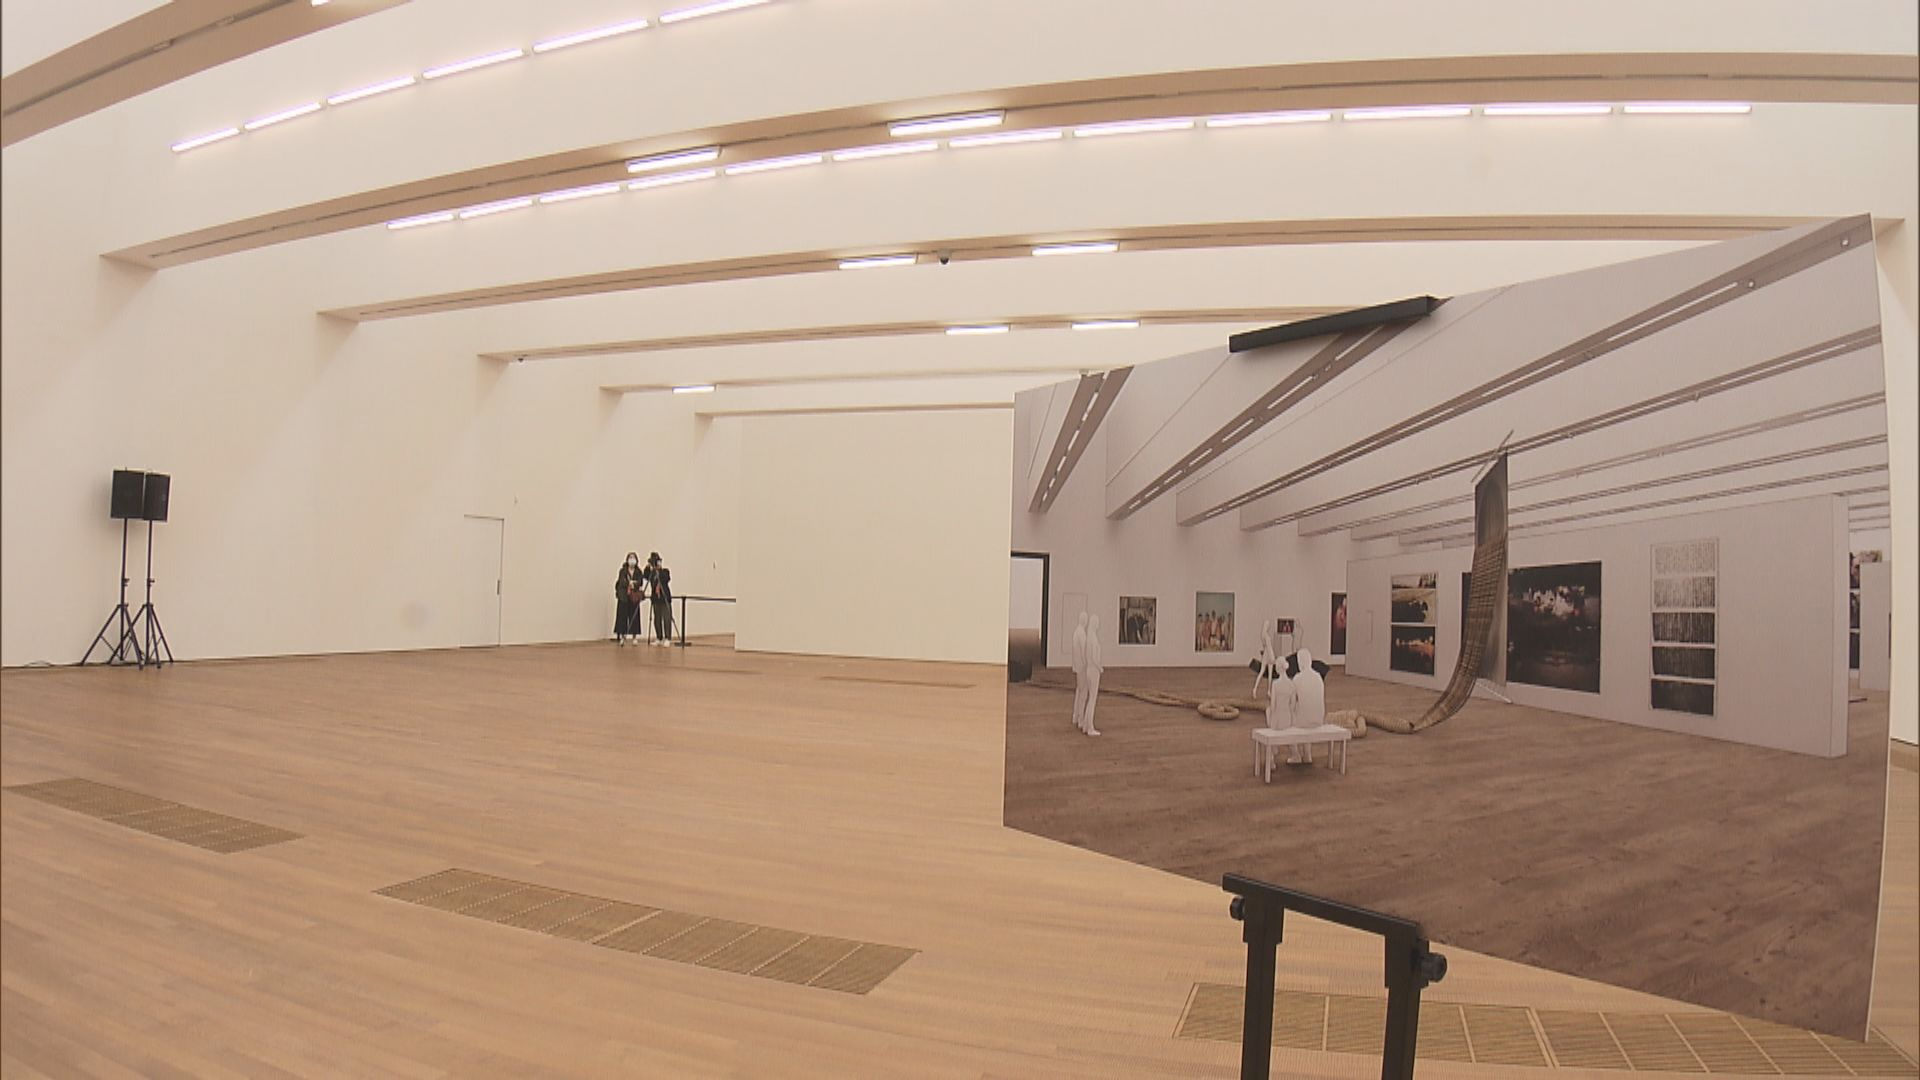 M+博物館料年底開幕 館方稱不會因政治拒展出政治敏感展品